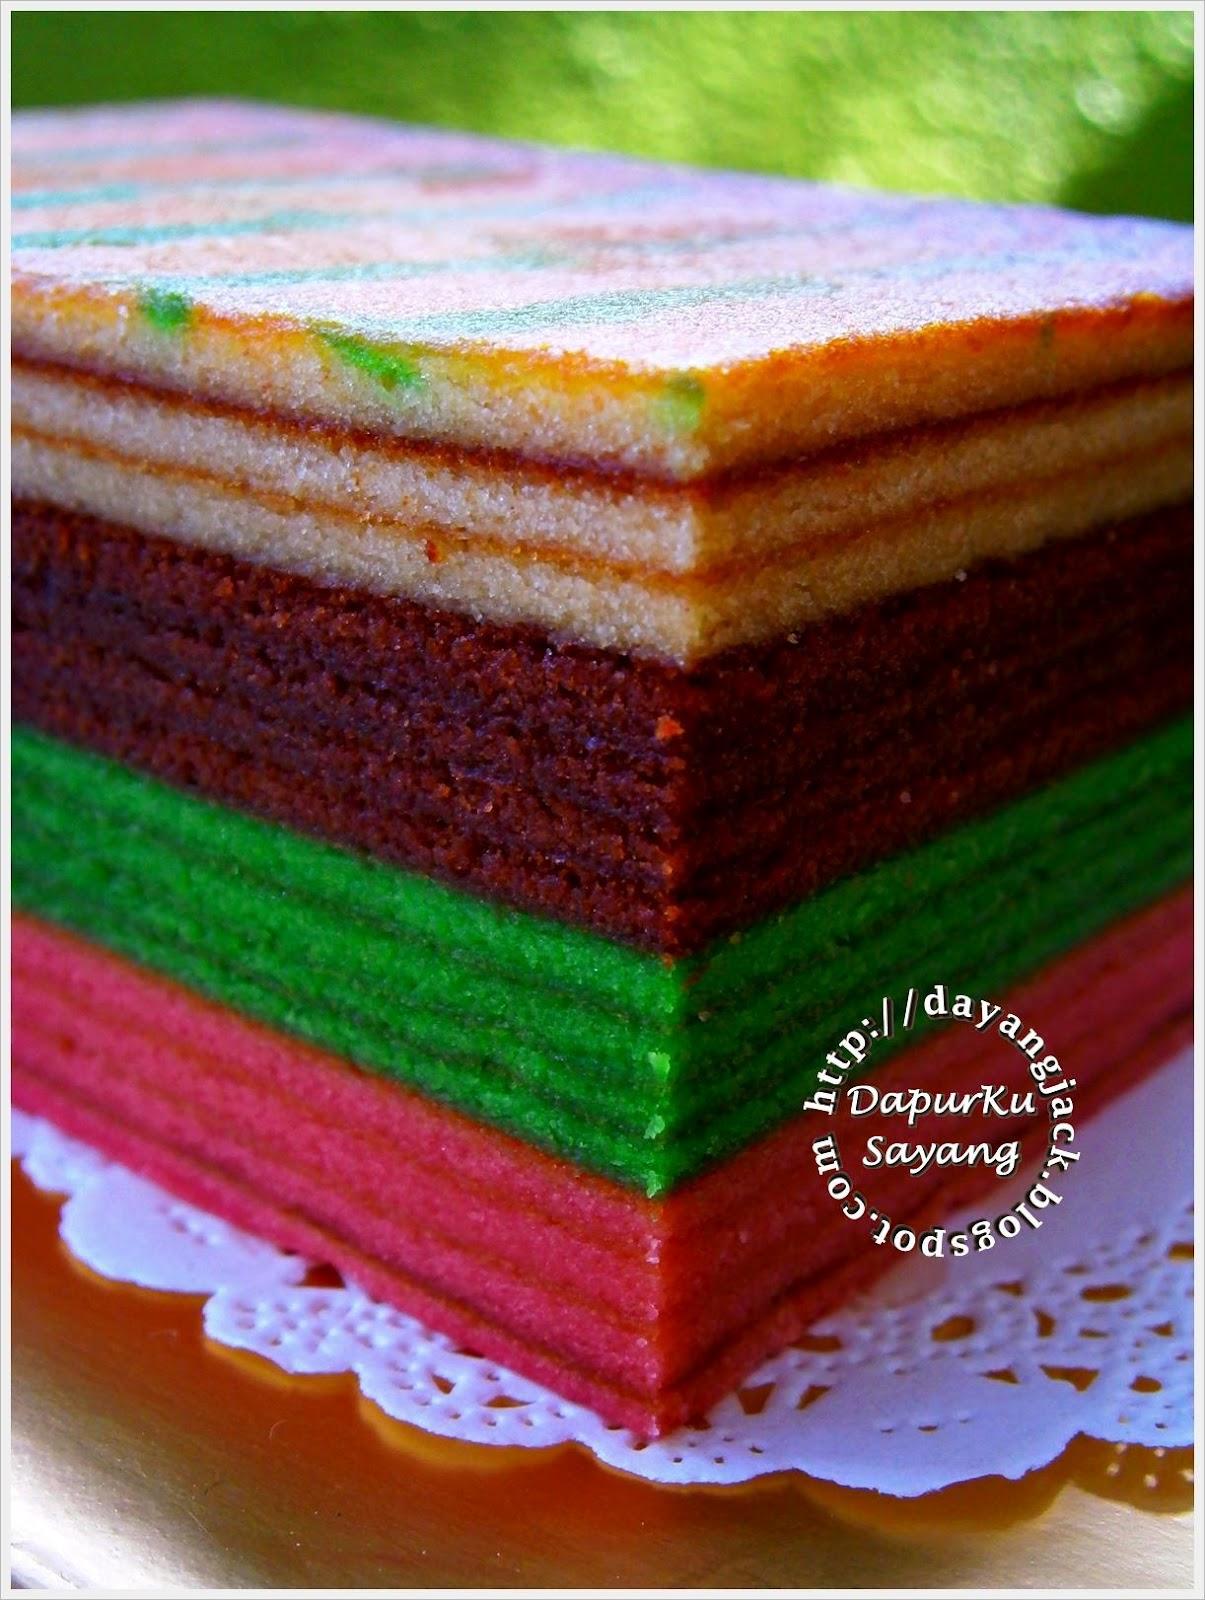 Sekiranya berminat, bolehlah cuba2 melapis kek sendiri di rumah. Kek